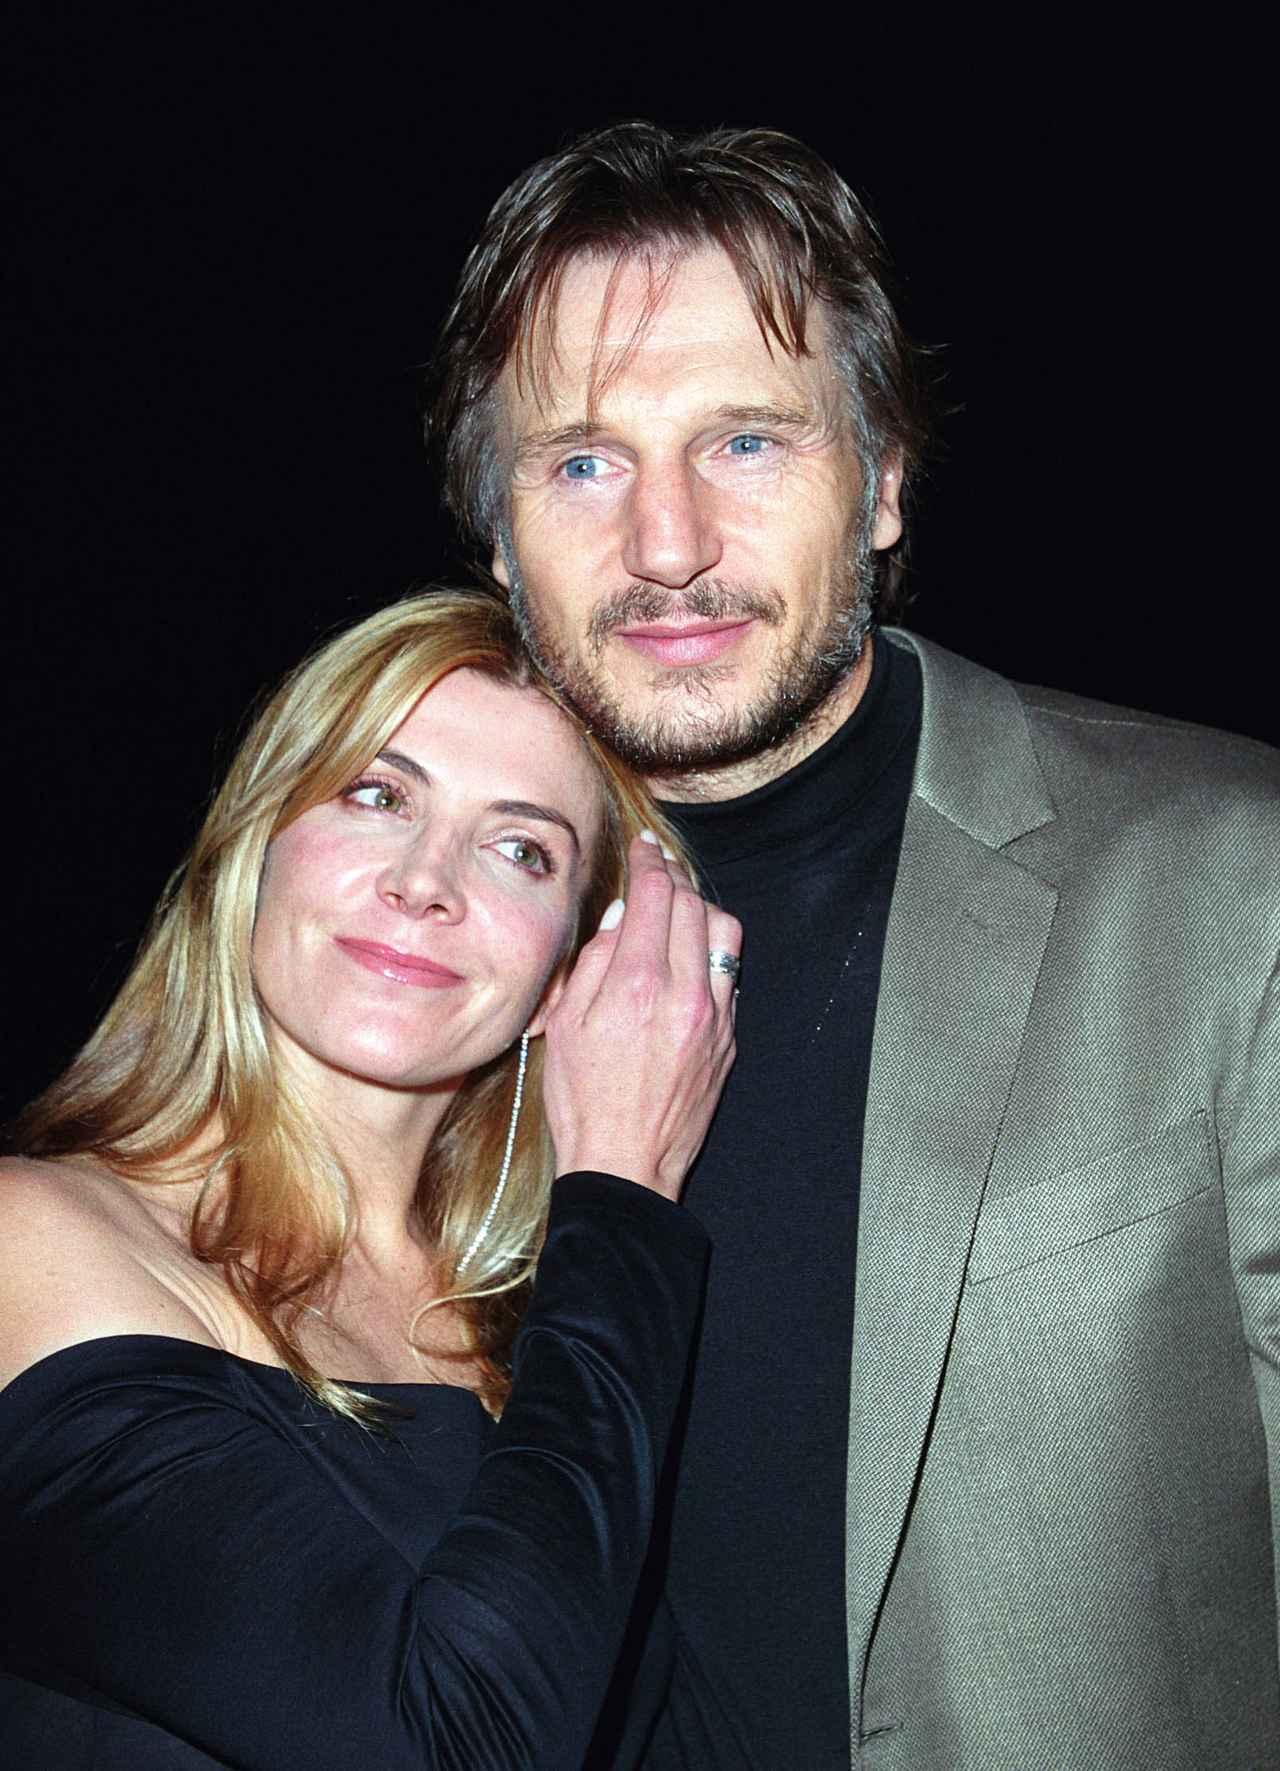 画像: 2002年に撮影されたナターシャとリーアム。